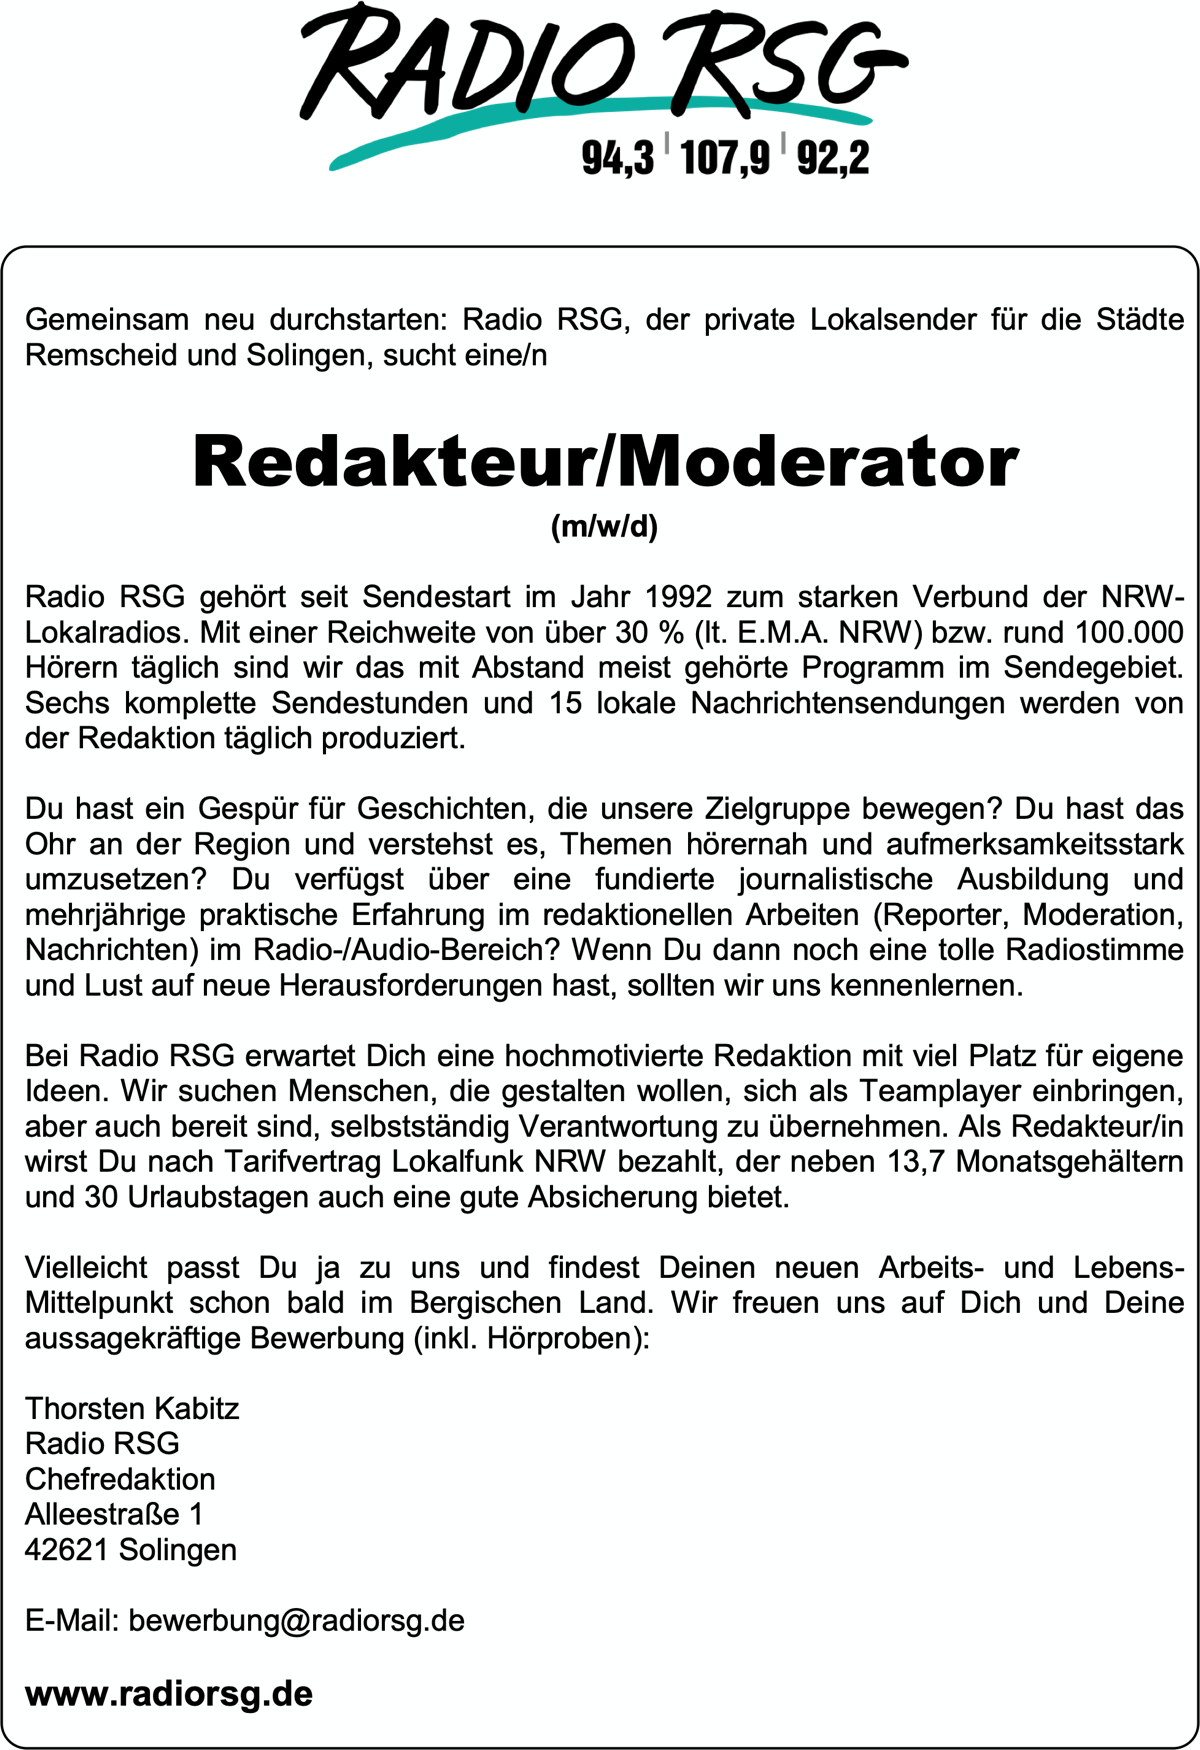 Radio RSG sucht Redakteur/Moderator (m/w/d)